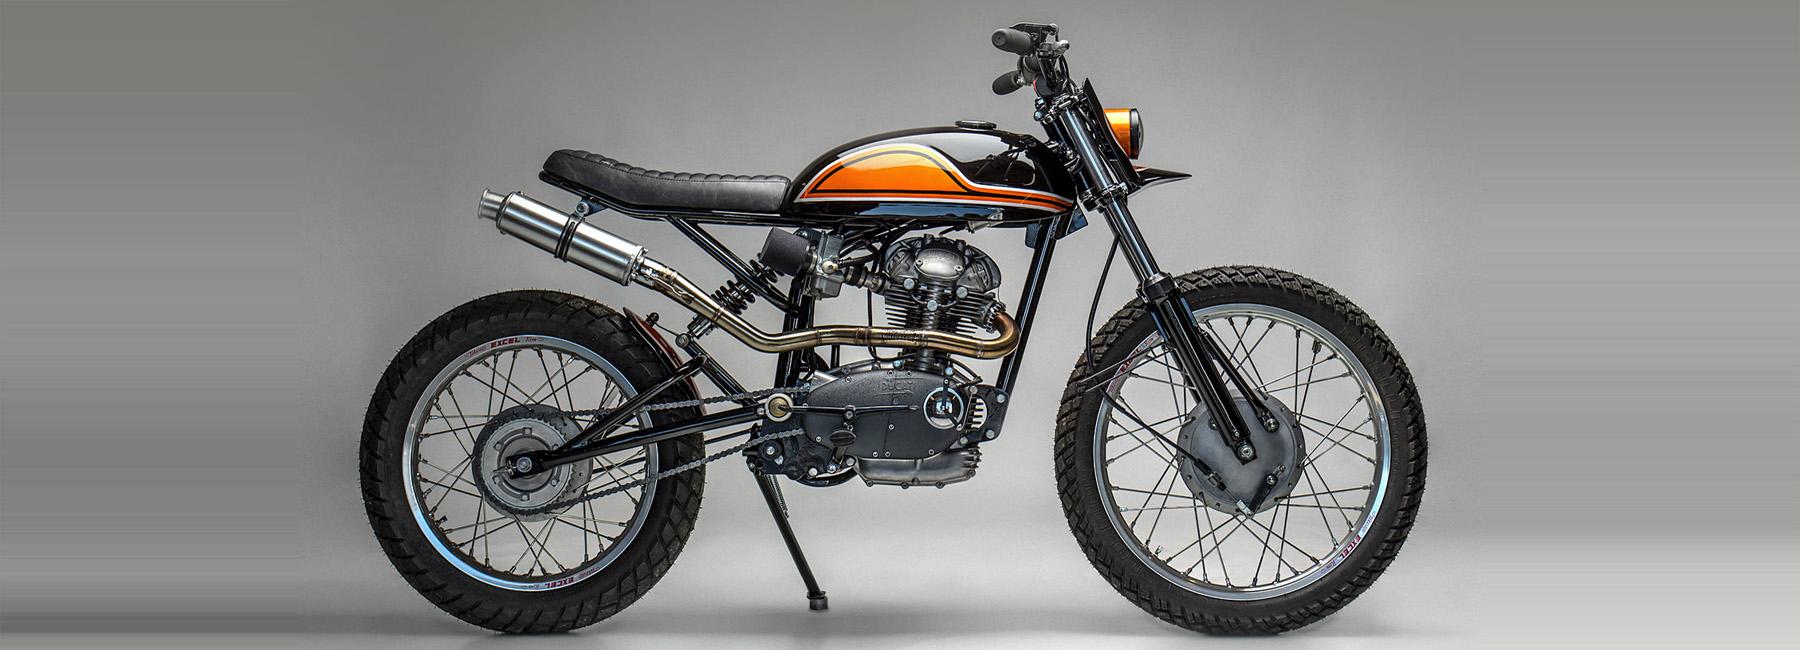 Ducati 250 custom scrambler